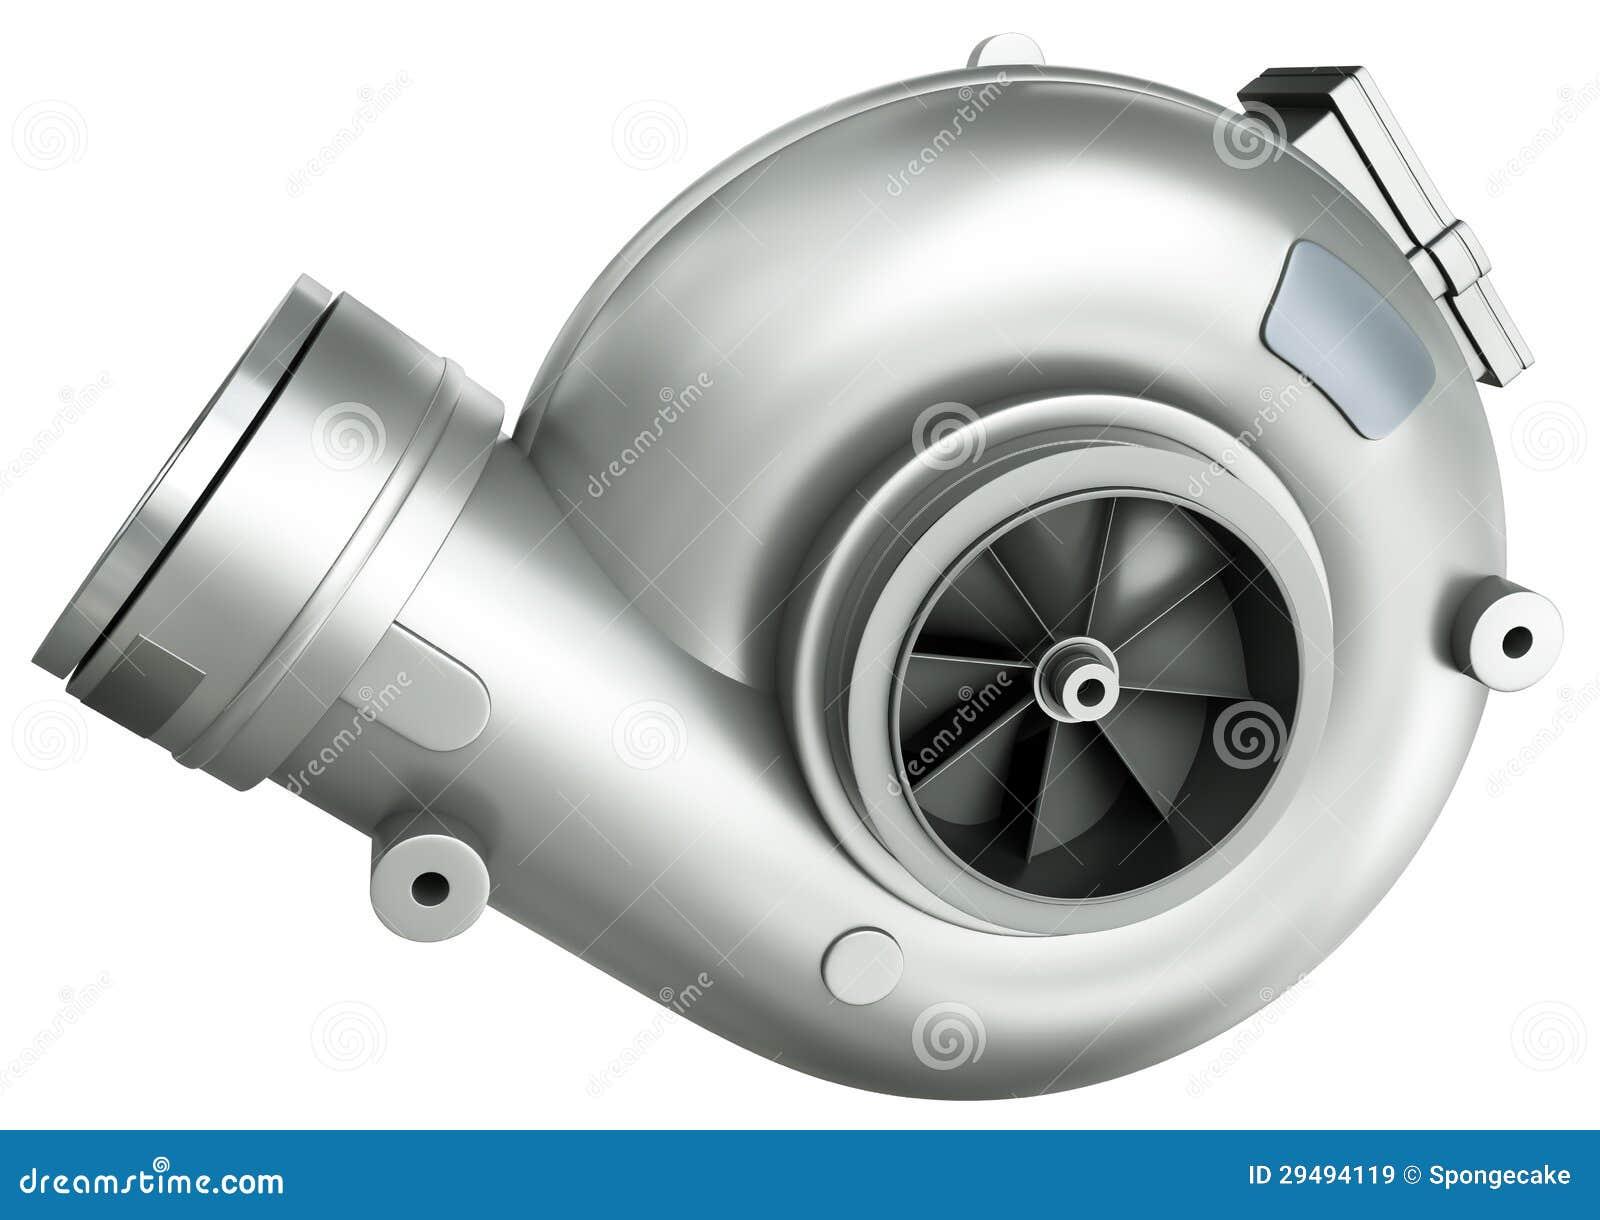 v6 engine animation  v6  free engine image for user manual